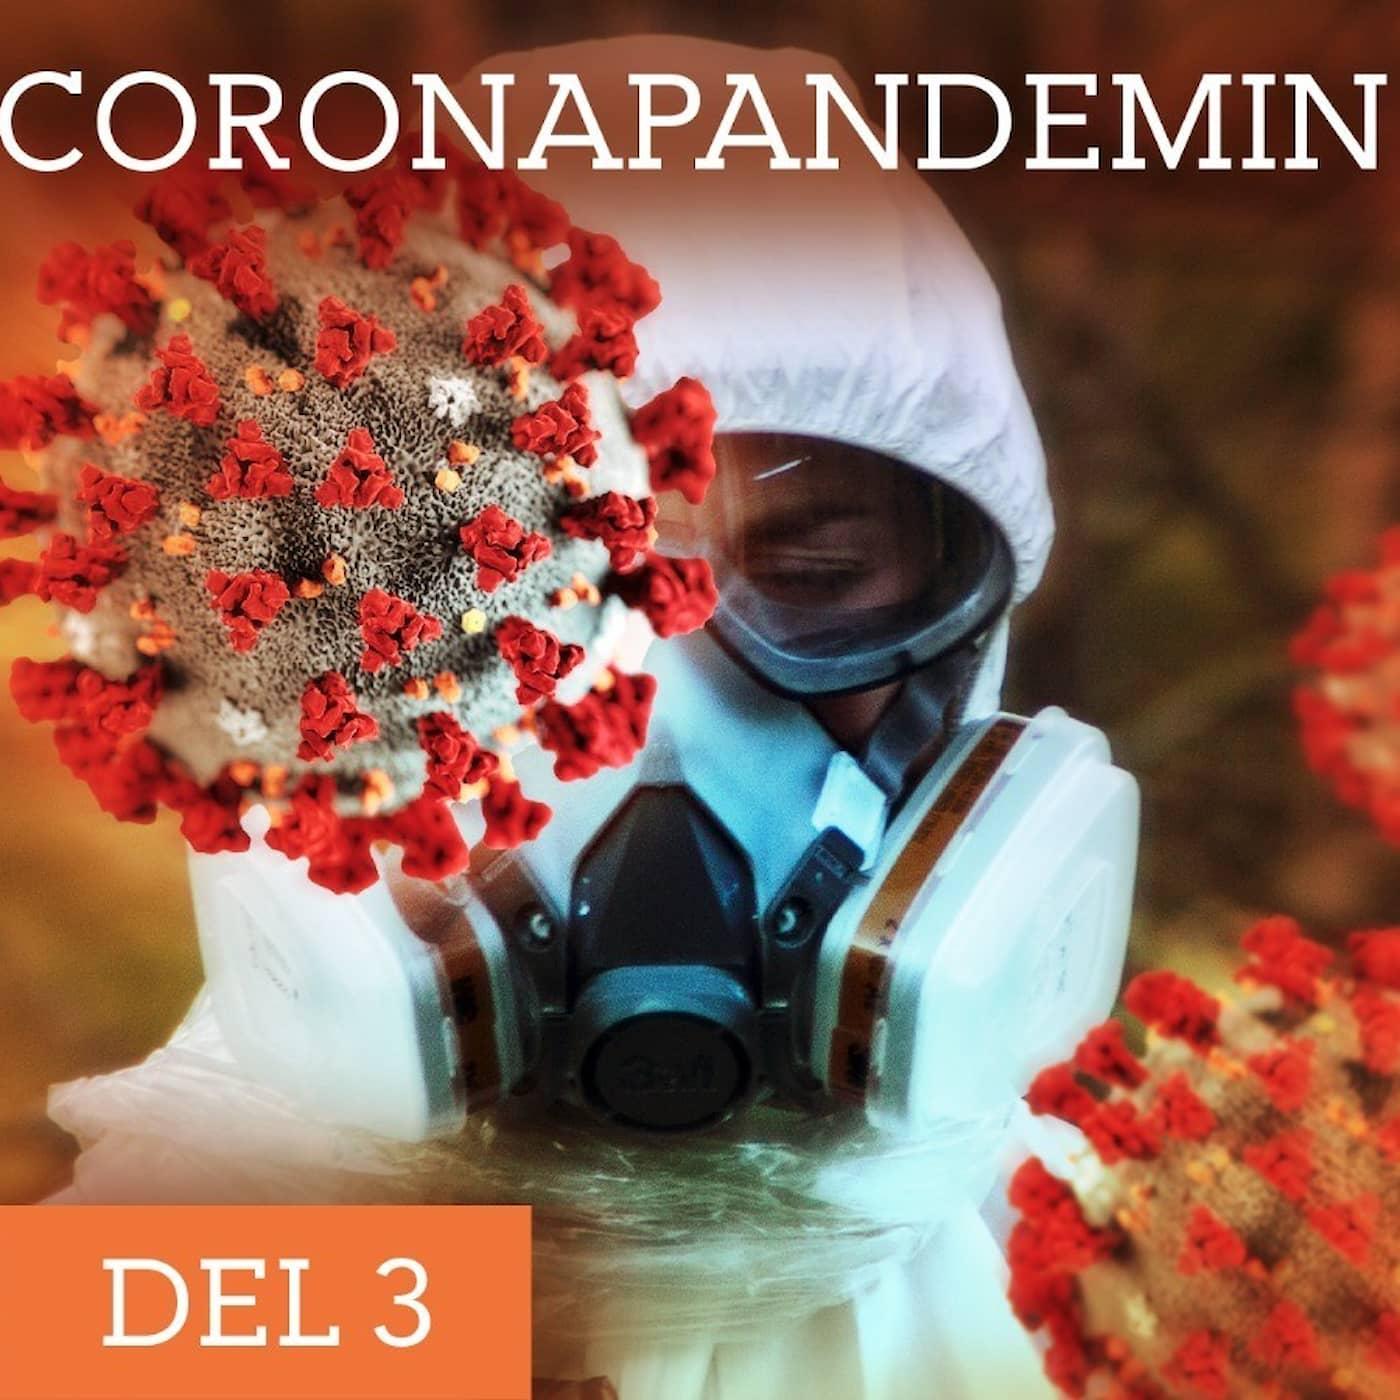 Coronapandemin: Testa, testa, testa